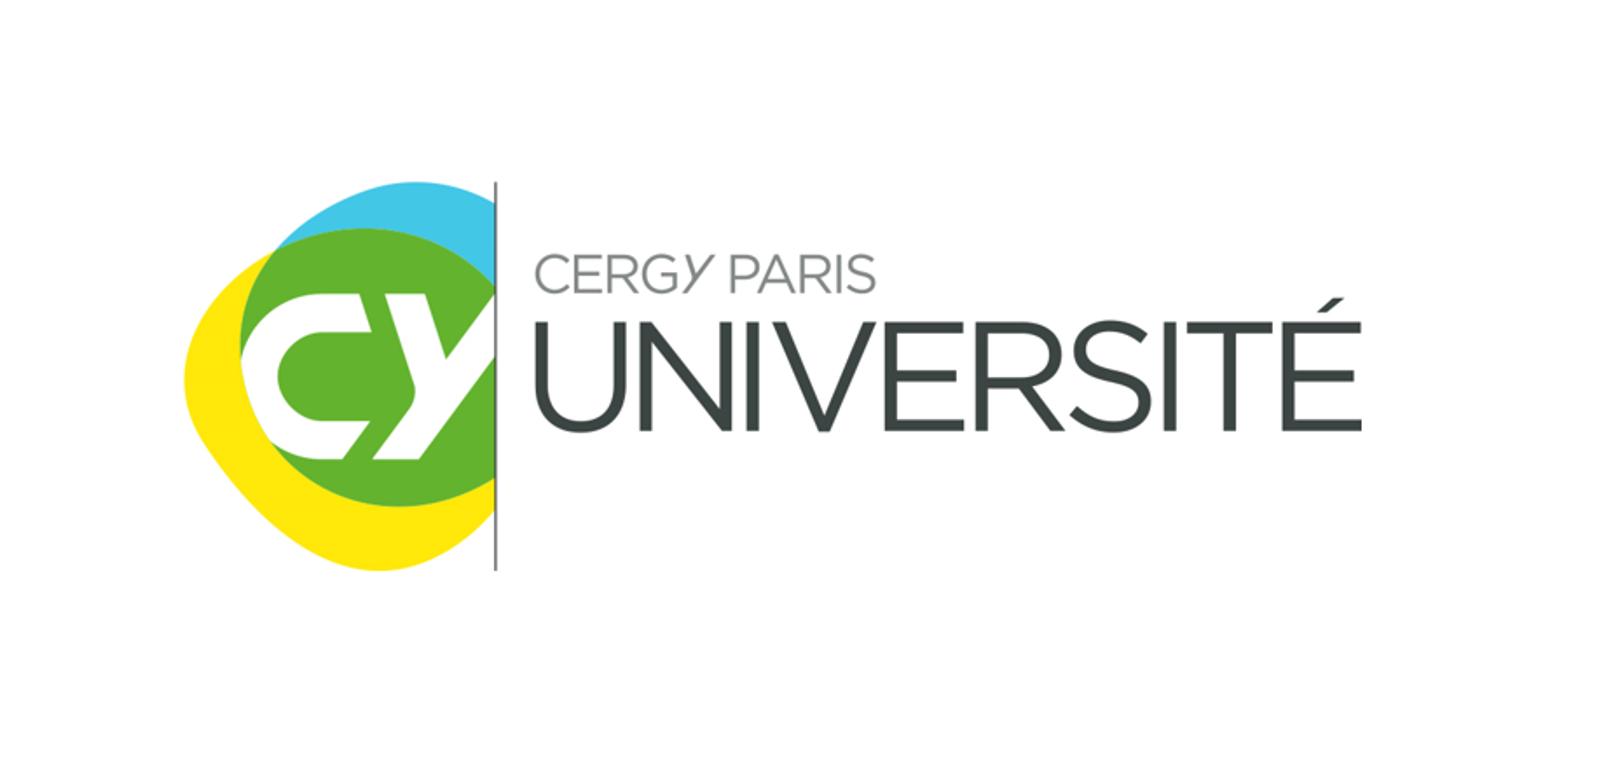 CY Cergy-Paris université